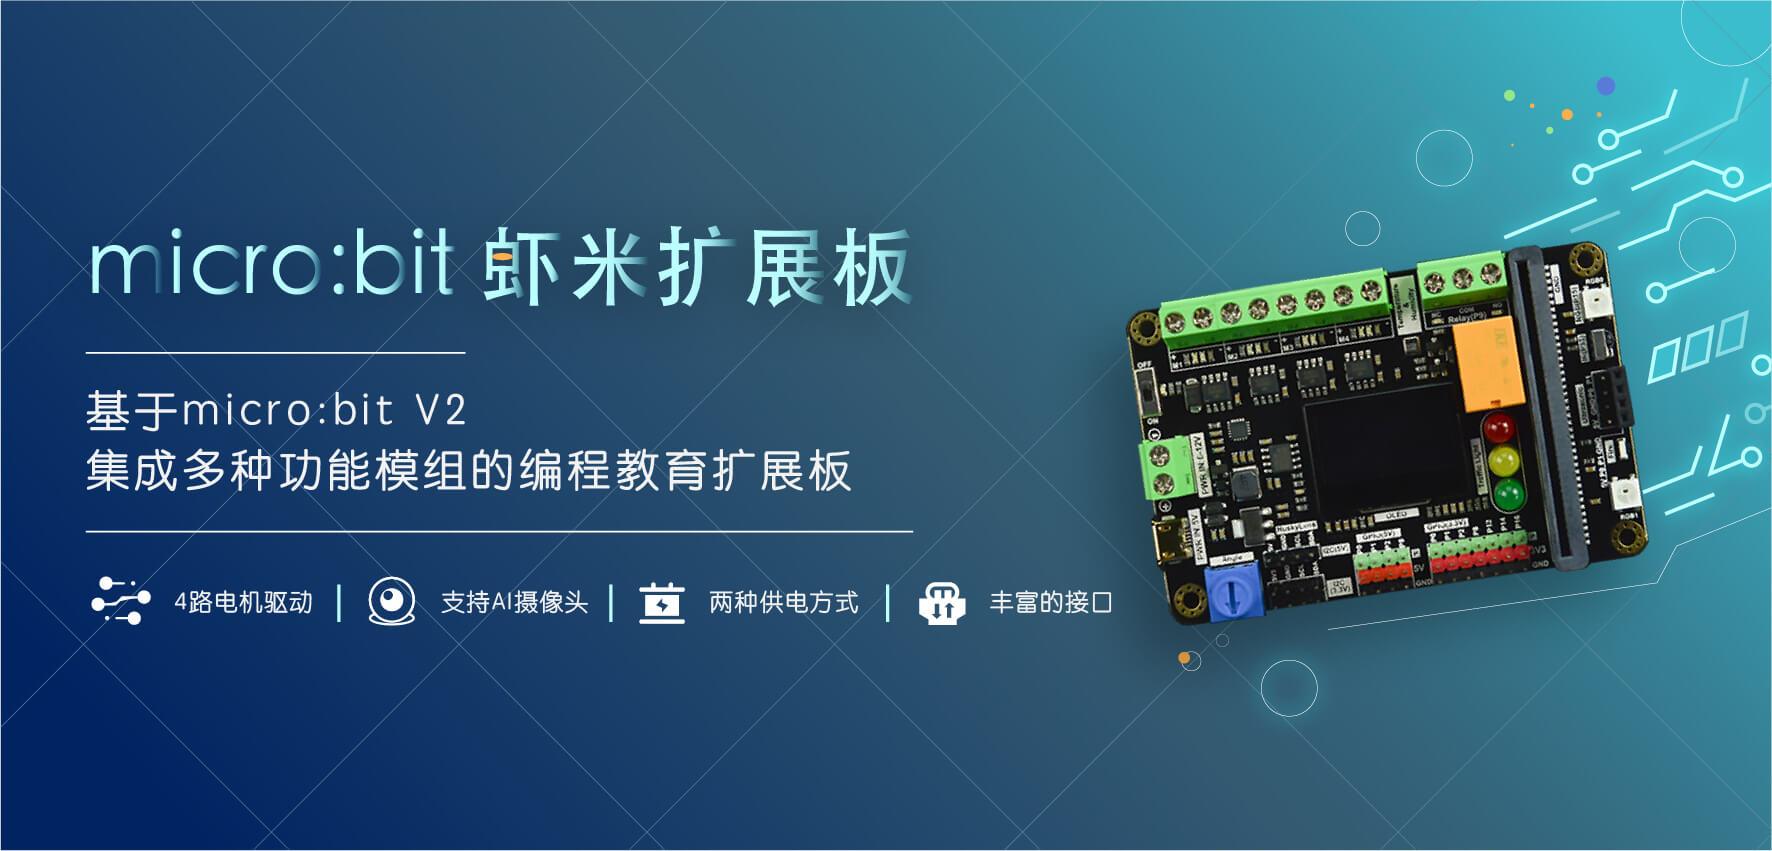 DFRobot最新创客活动-micro:bit 虾米扩展板